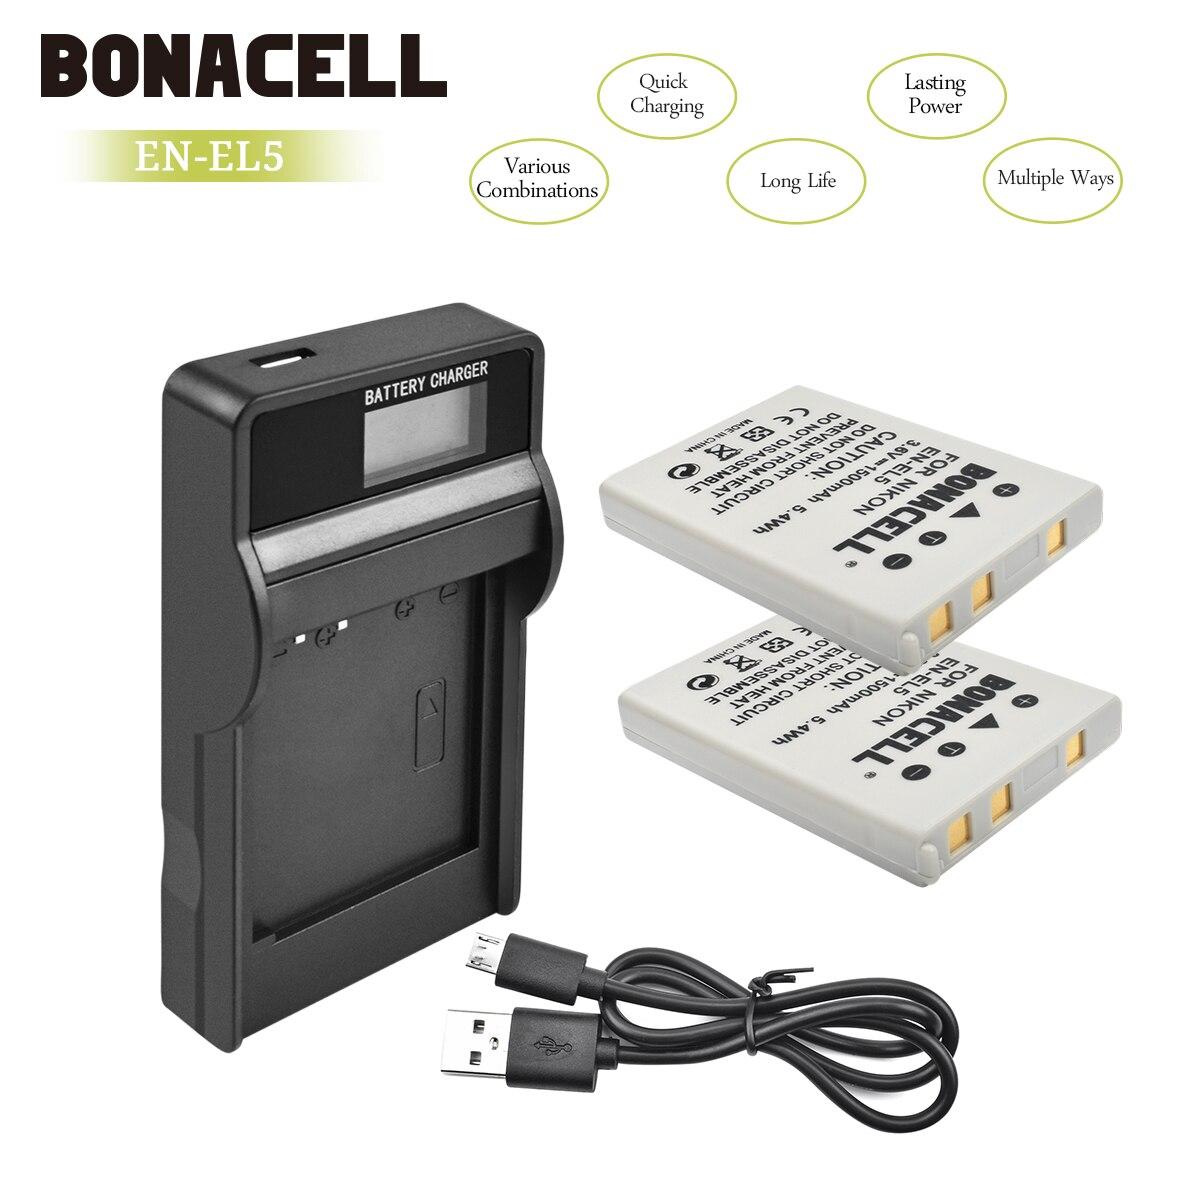 Bonacell 1500mAh EN-EL5 Batterie pour Appareil Photo Numérique + Chargeur LCD pour Nikon Coolpix P4 P80 P90 P100 P500 P510 P520 P530 P5000 P5100 L50